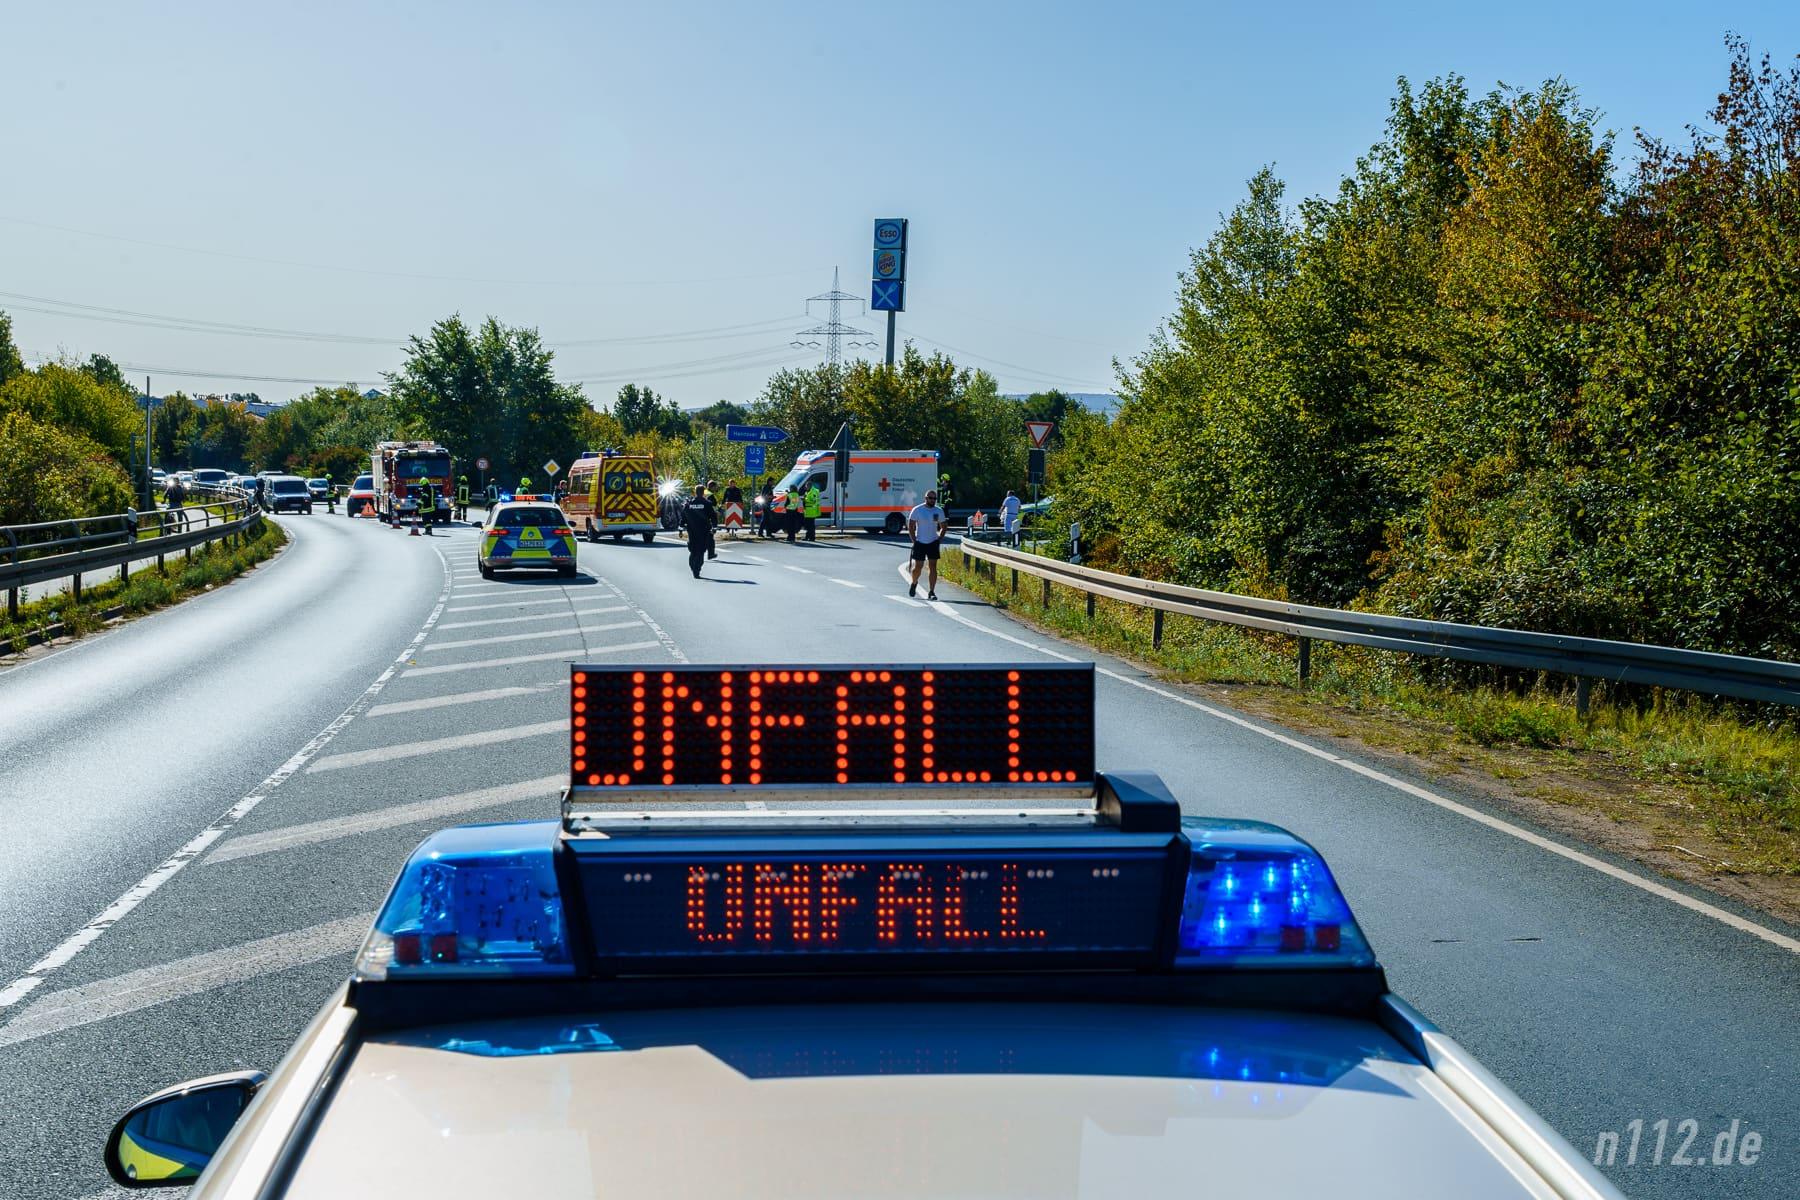 Inzwischen ein gewohntes Bild: Unfallstelle auf der B442 an der Auffahrt zur A2 (Foto: n112.de/Stefan Simonsen)